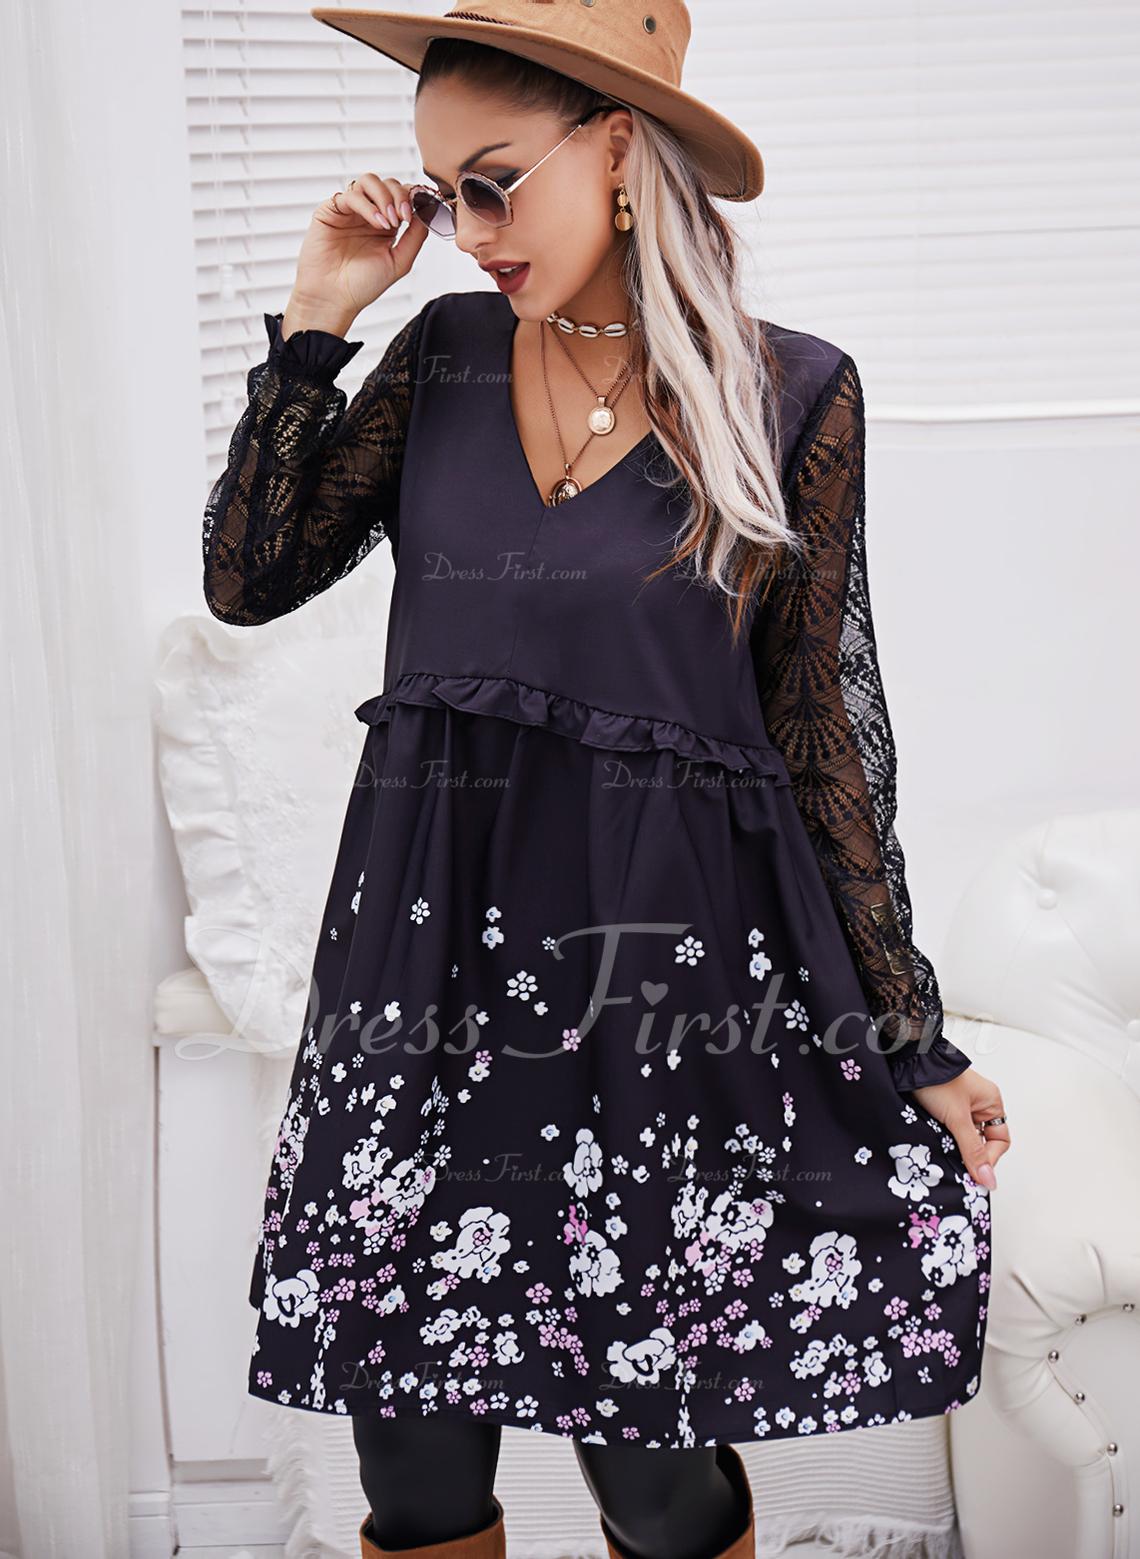 フローラル レース 印刷 シフトドレス 長袖 ミディ カジュアル チュニック ファッションドレス